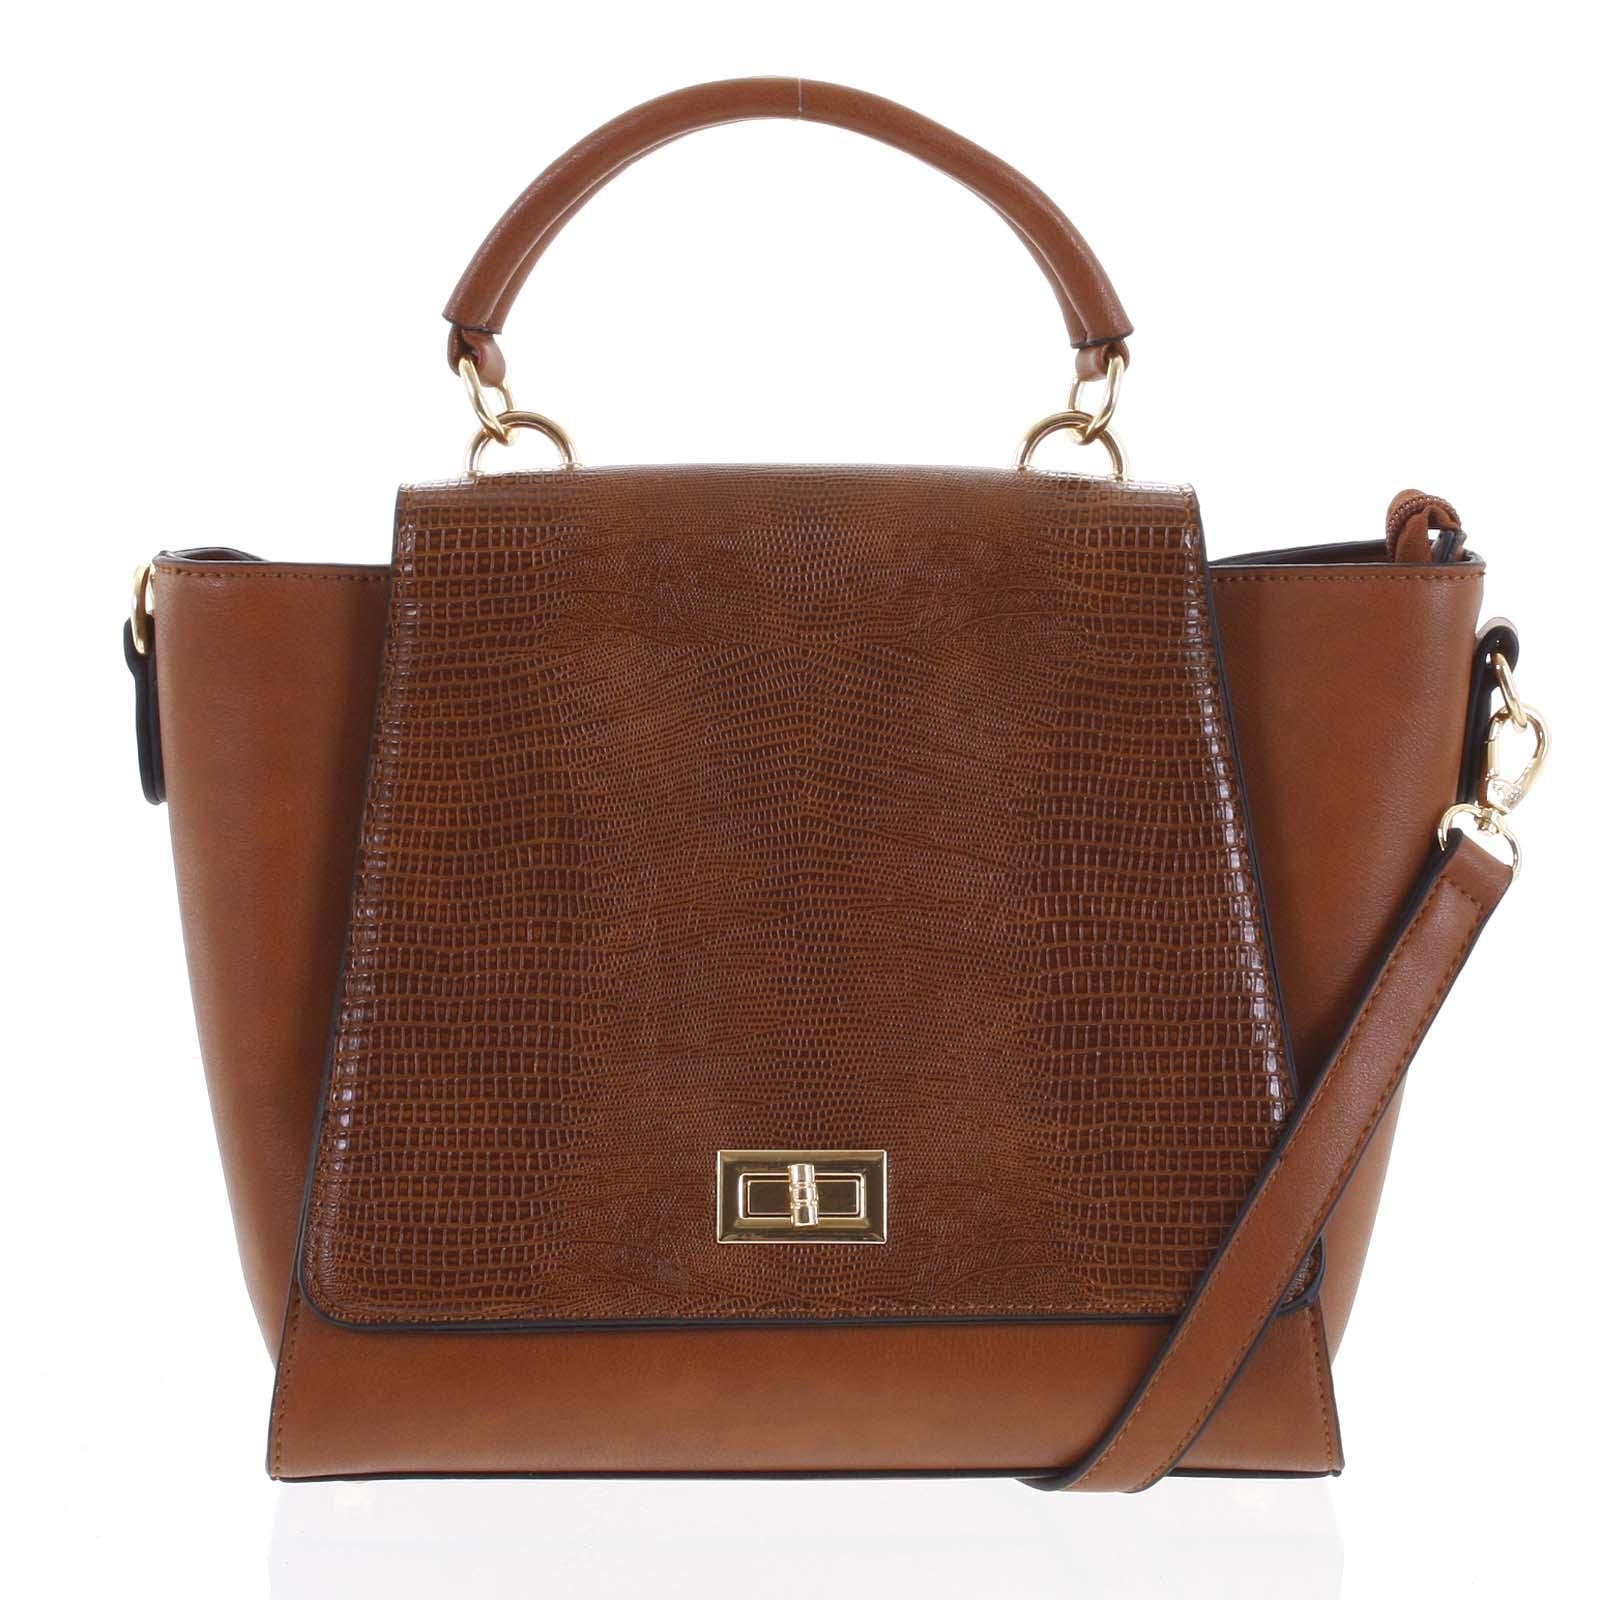 Dámská kabelka do ruky světle hnědá - Dudlin Mirla